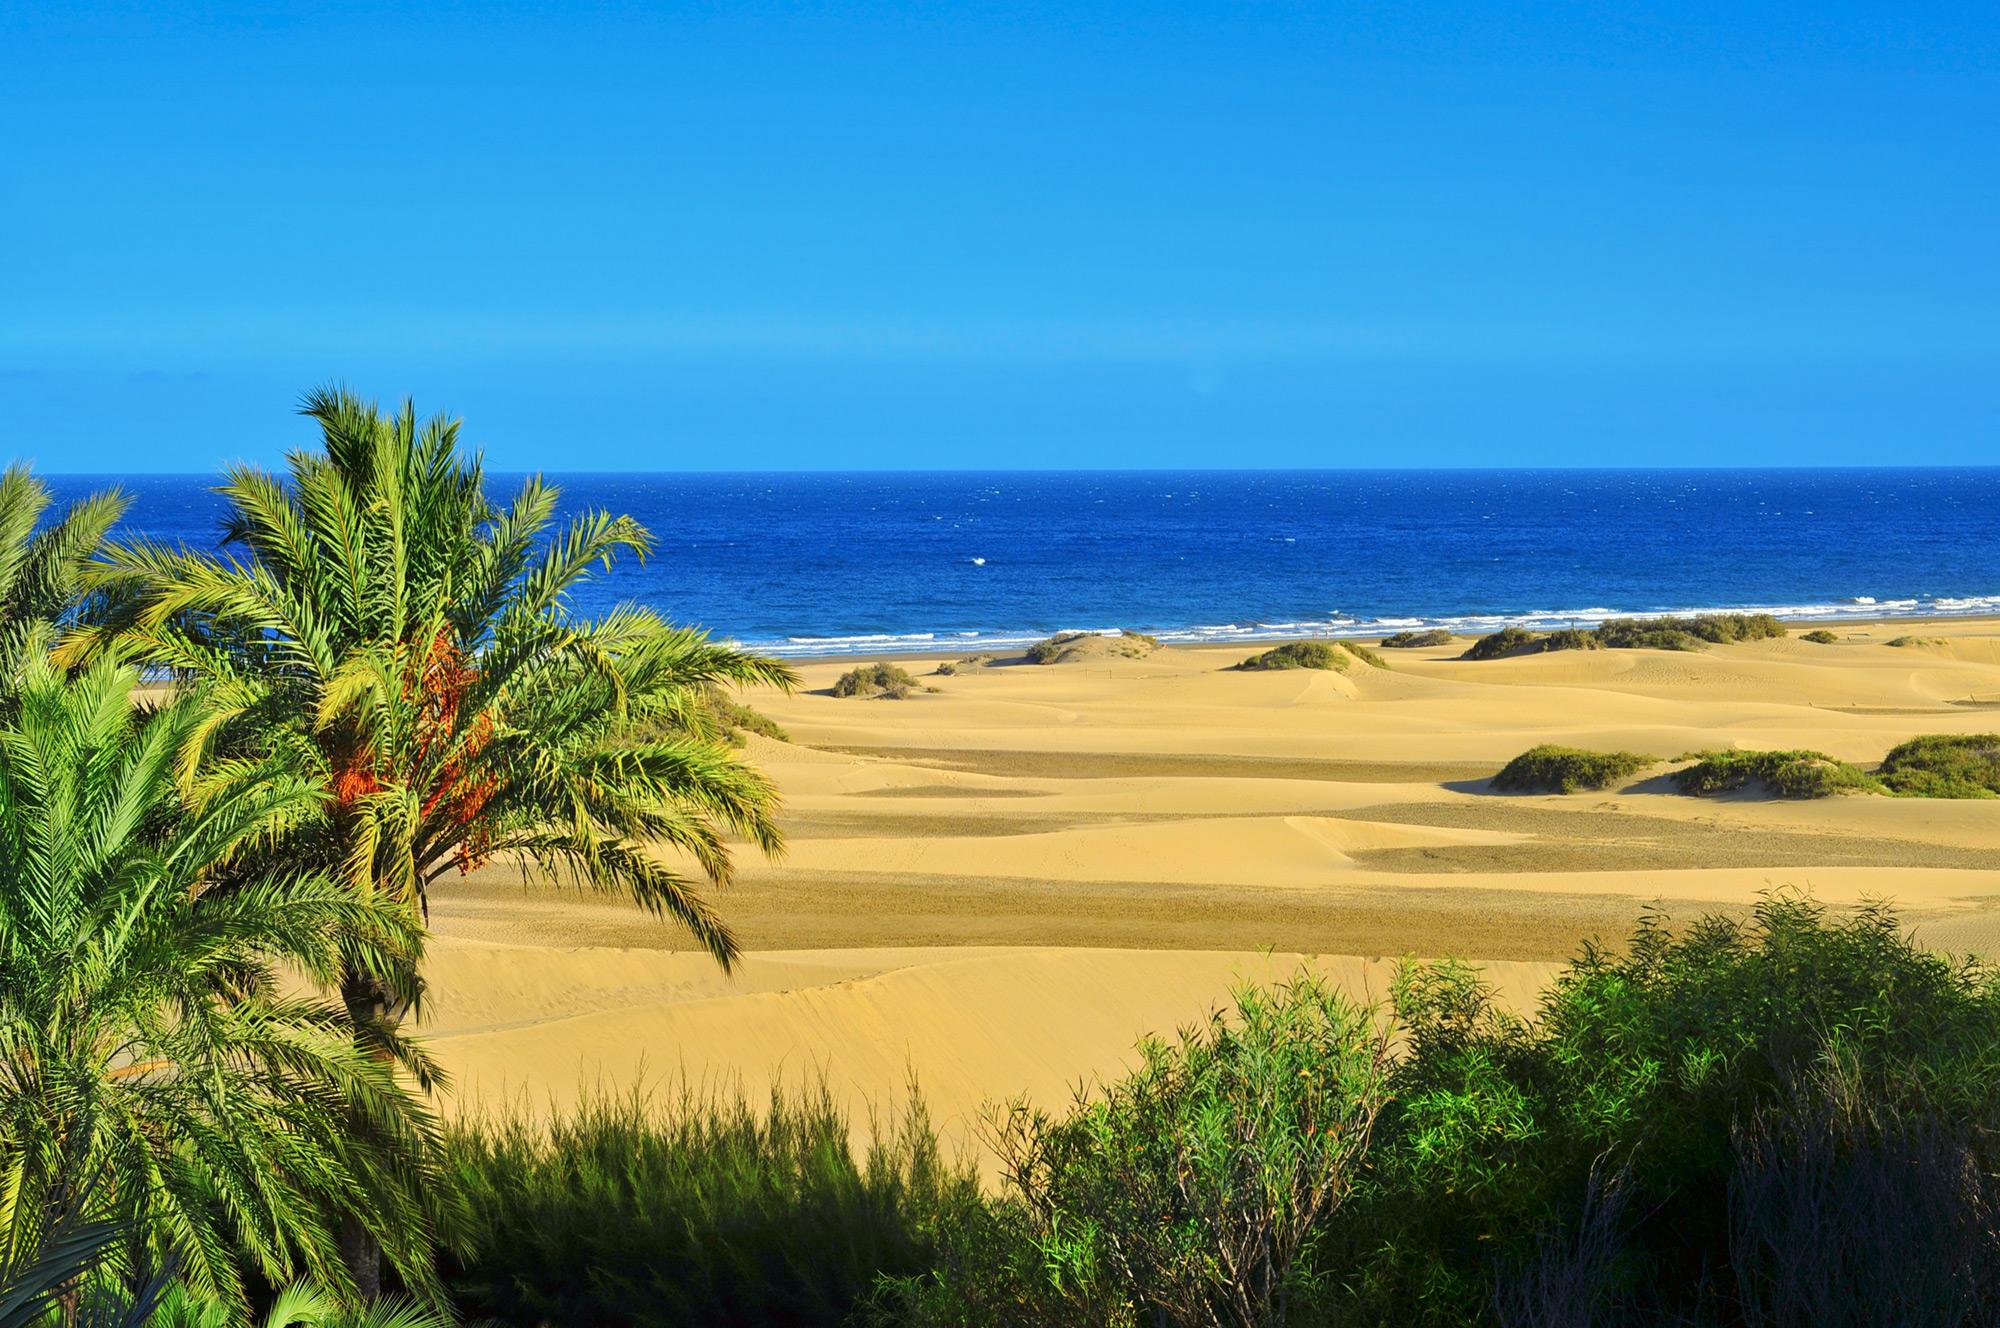 Playa de Maspalomas, Gran Canaria